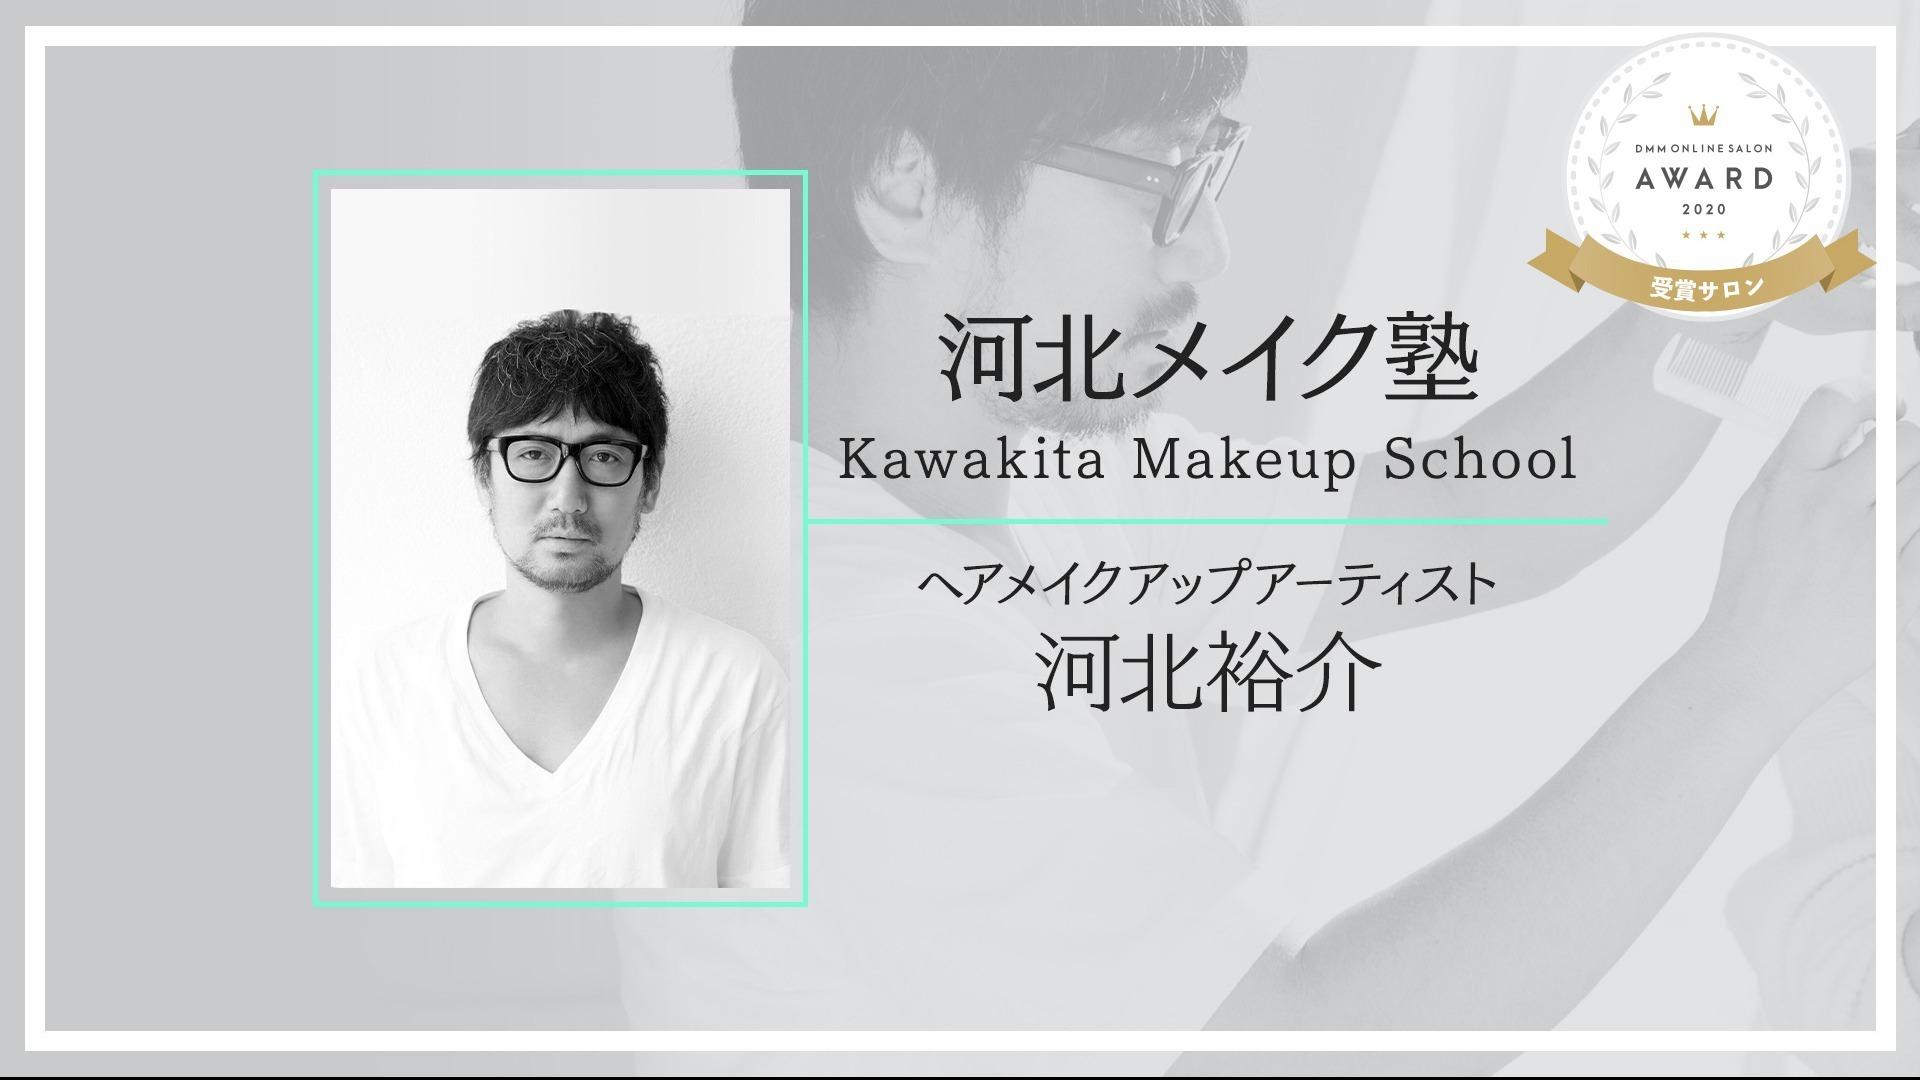 河北裕介 / YUSUKE KAWAKITA - 河北メイク塾 - DMM オンラインサロン